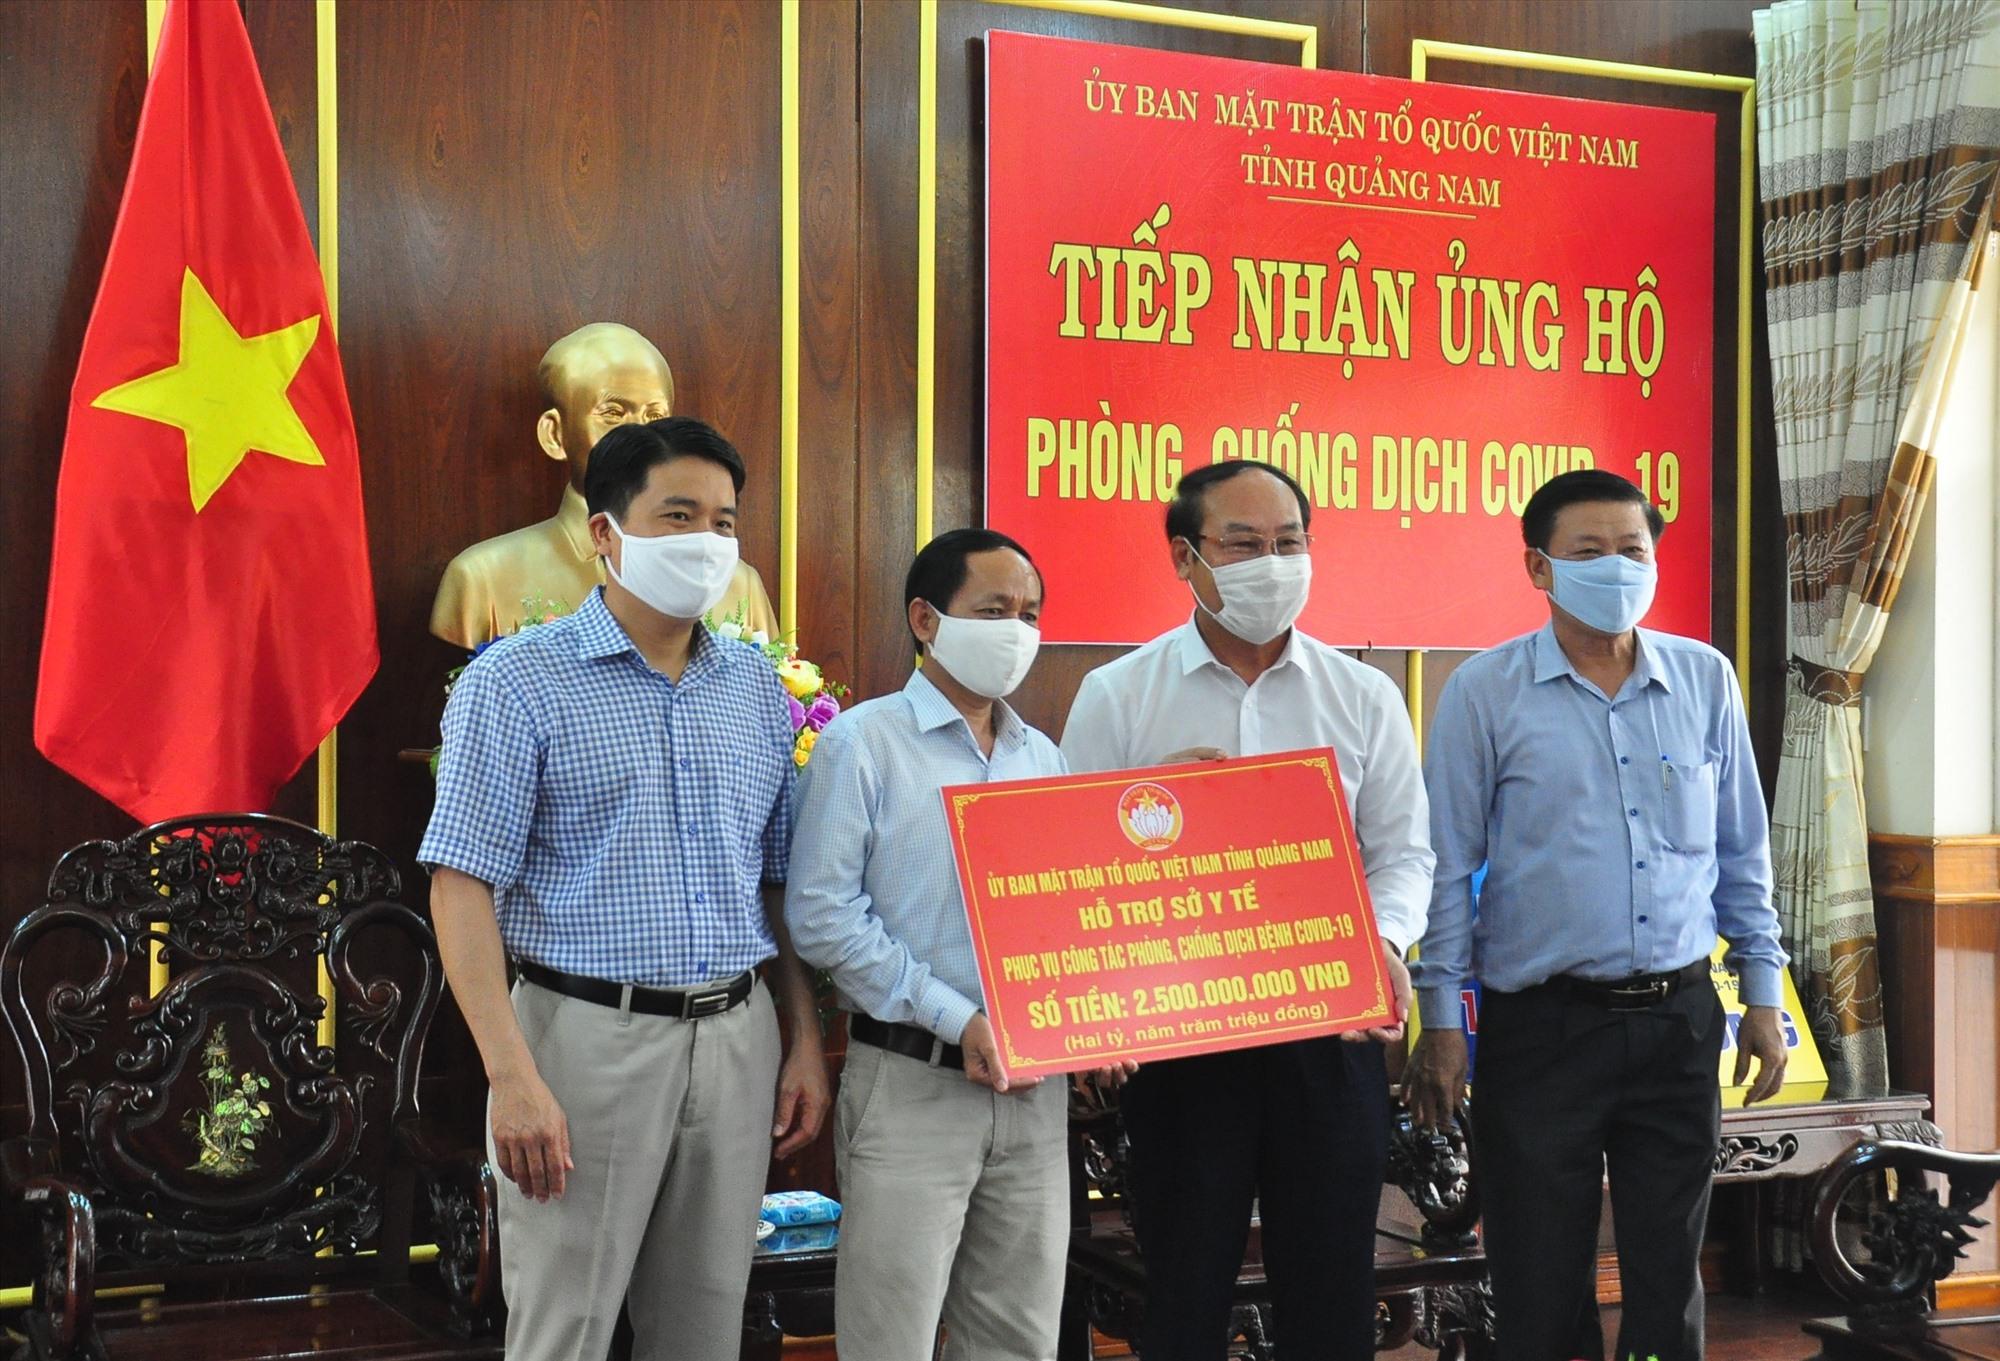 Thông qua nguồn lực vận động, Ủy ban MTTQ Việt Nam tỉnh trao nguồn hỗ trợ 2,5 tỷ đồng cho lãnh đạo Sở Y tế để phục vụ công tác phòng chống dịch bệnh Covid-19. Ảnh: VINH ANH